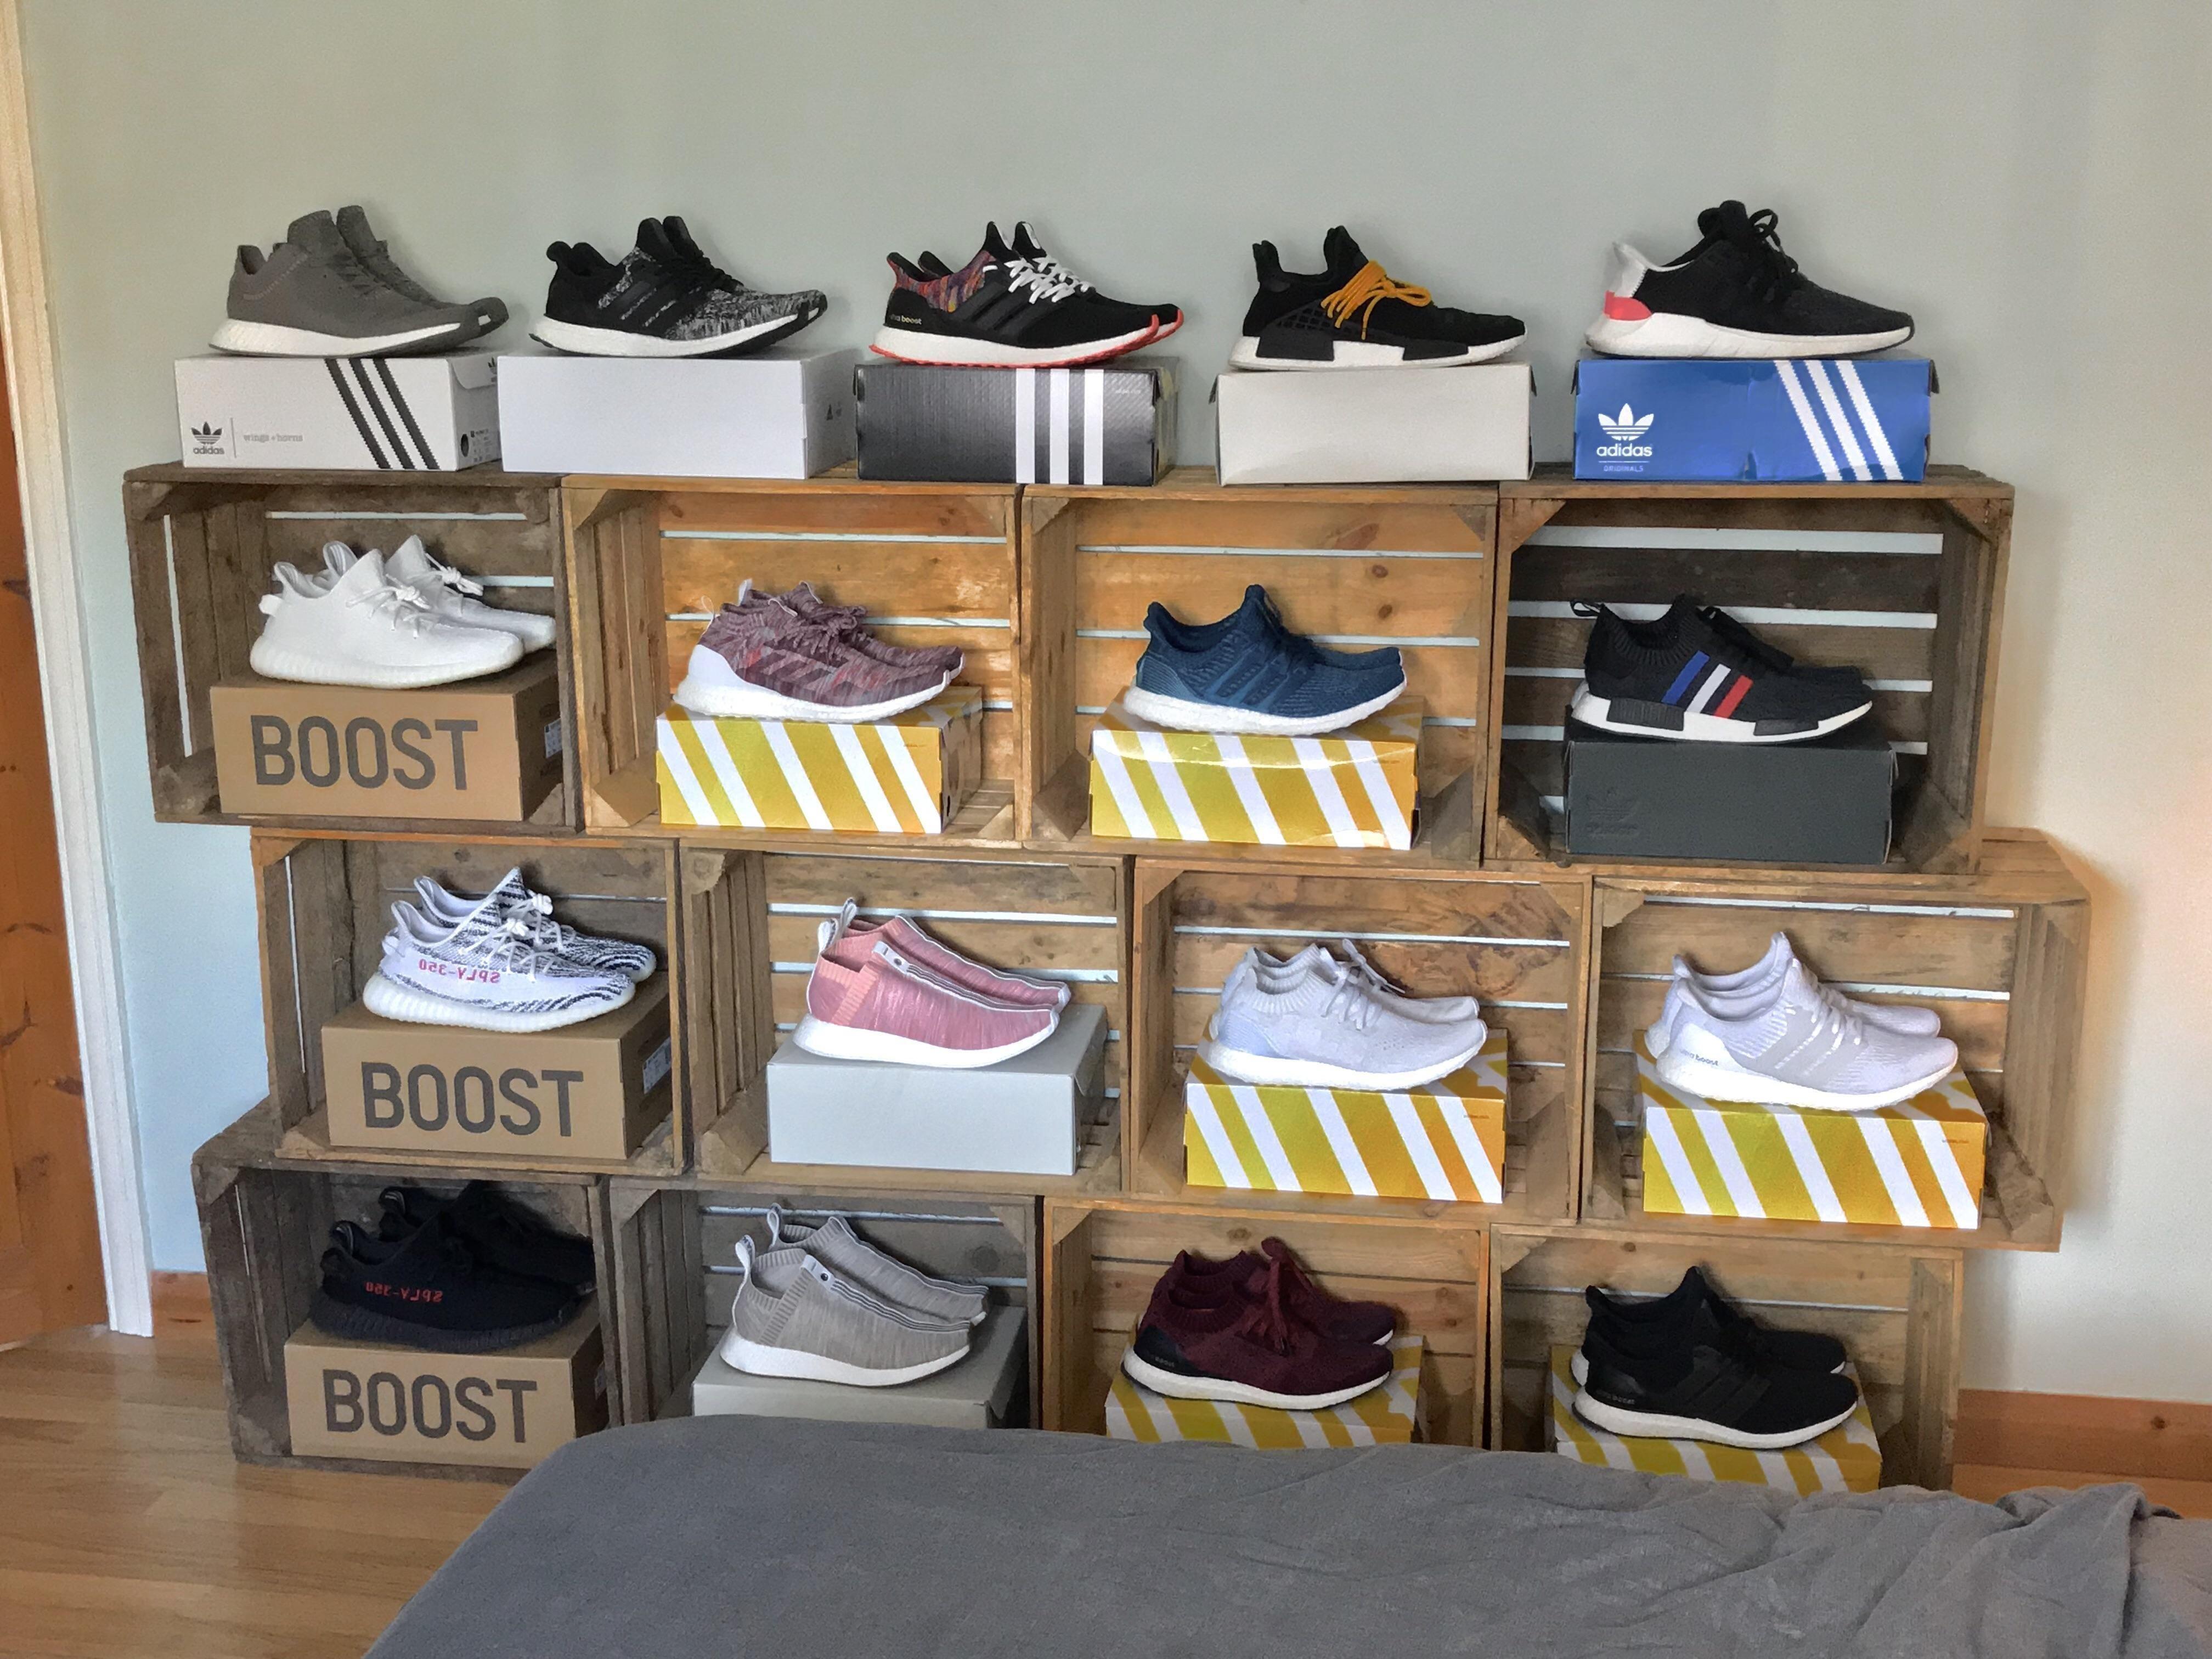 35 Cheap Diy Shelves For Shoes Shoe Shelves Sneaker Storage Shoe Shelf Diy